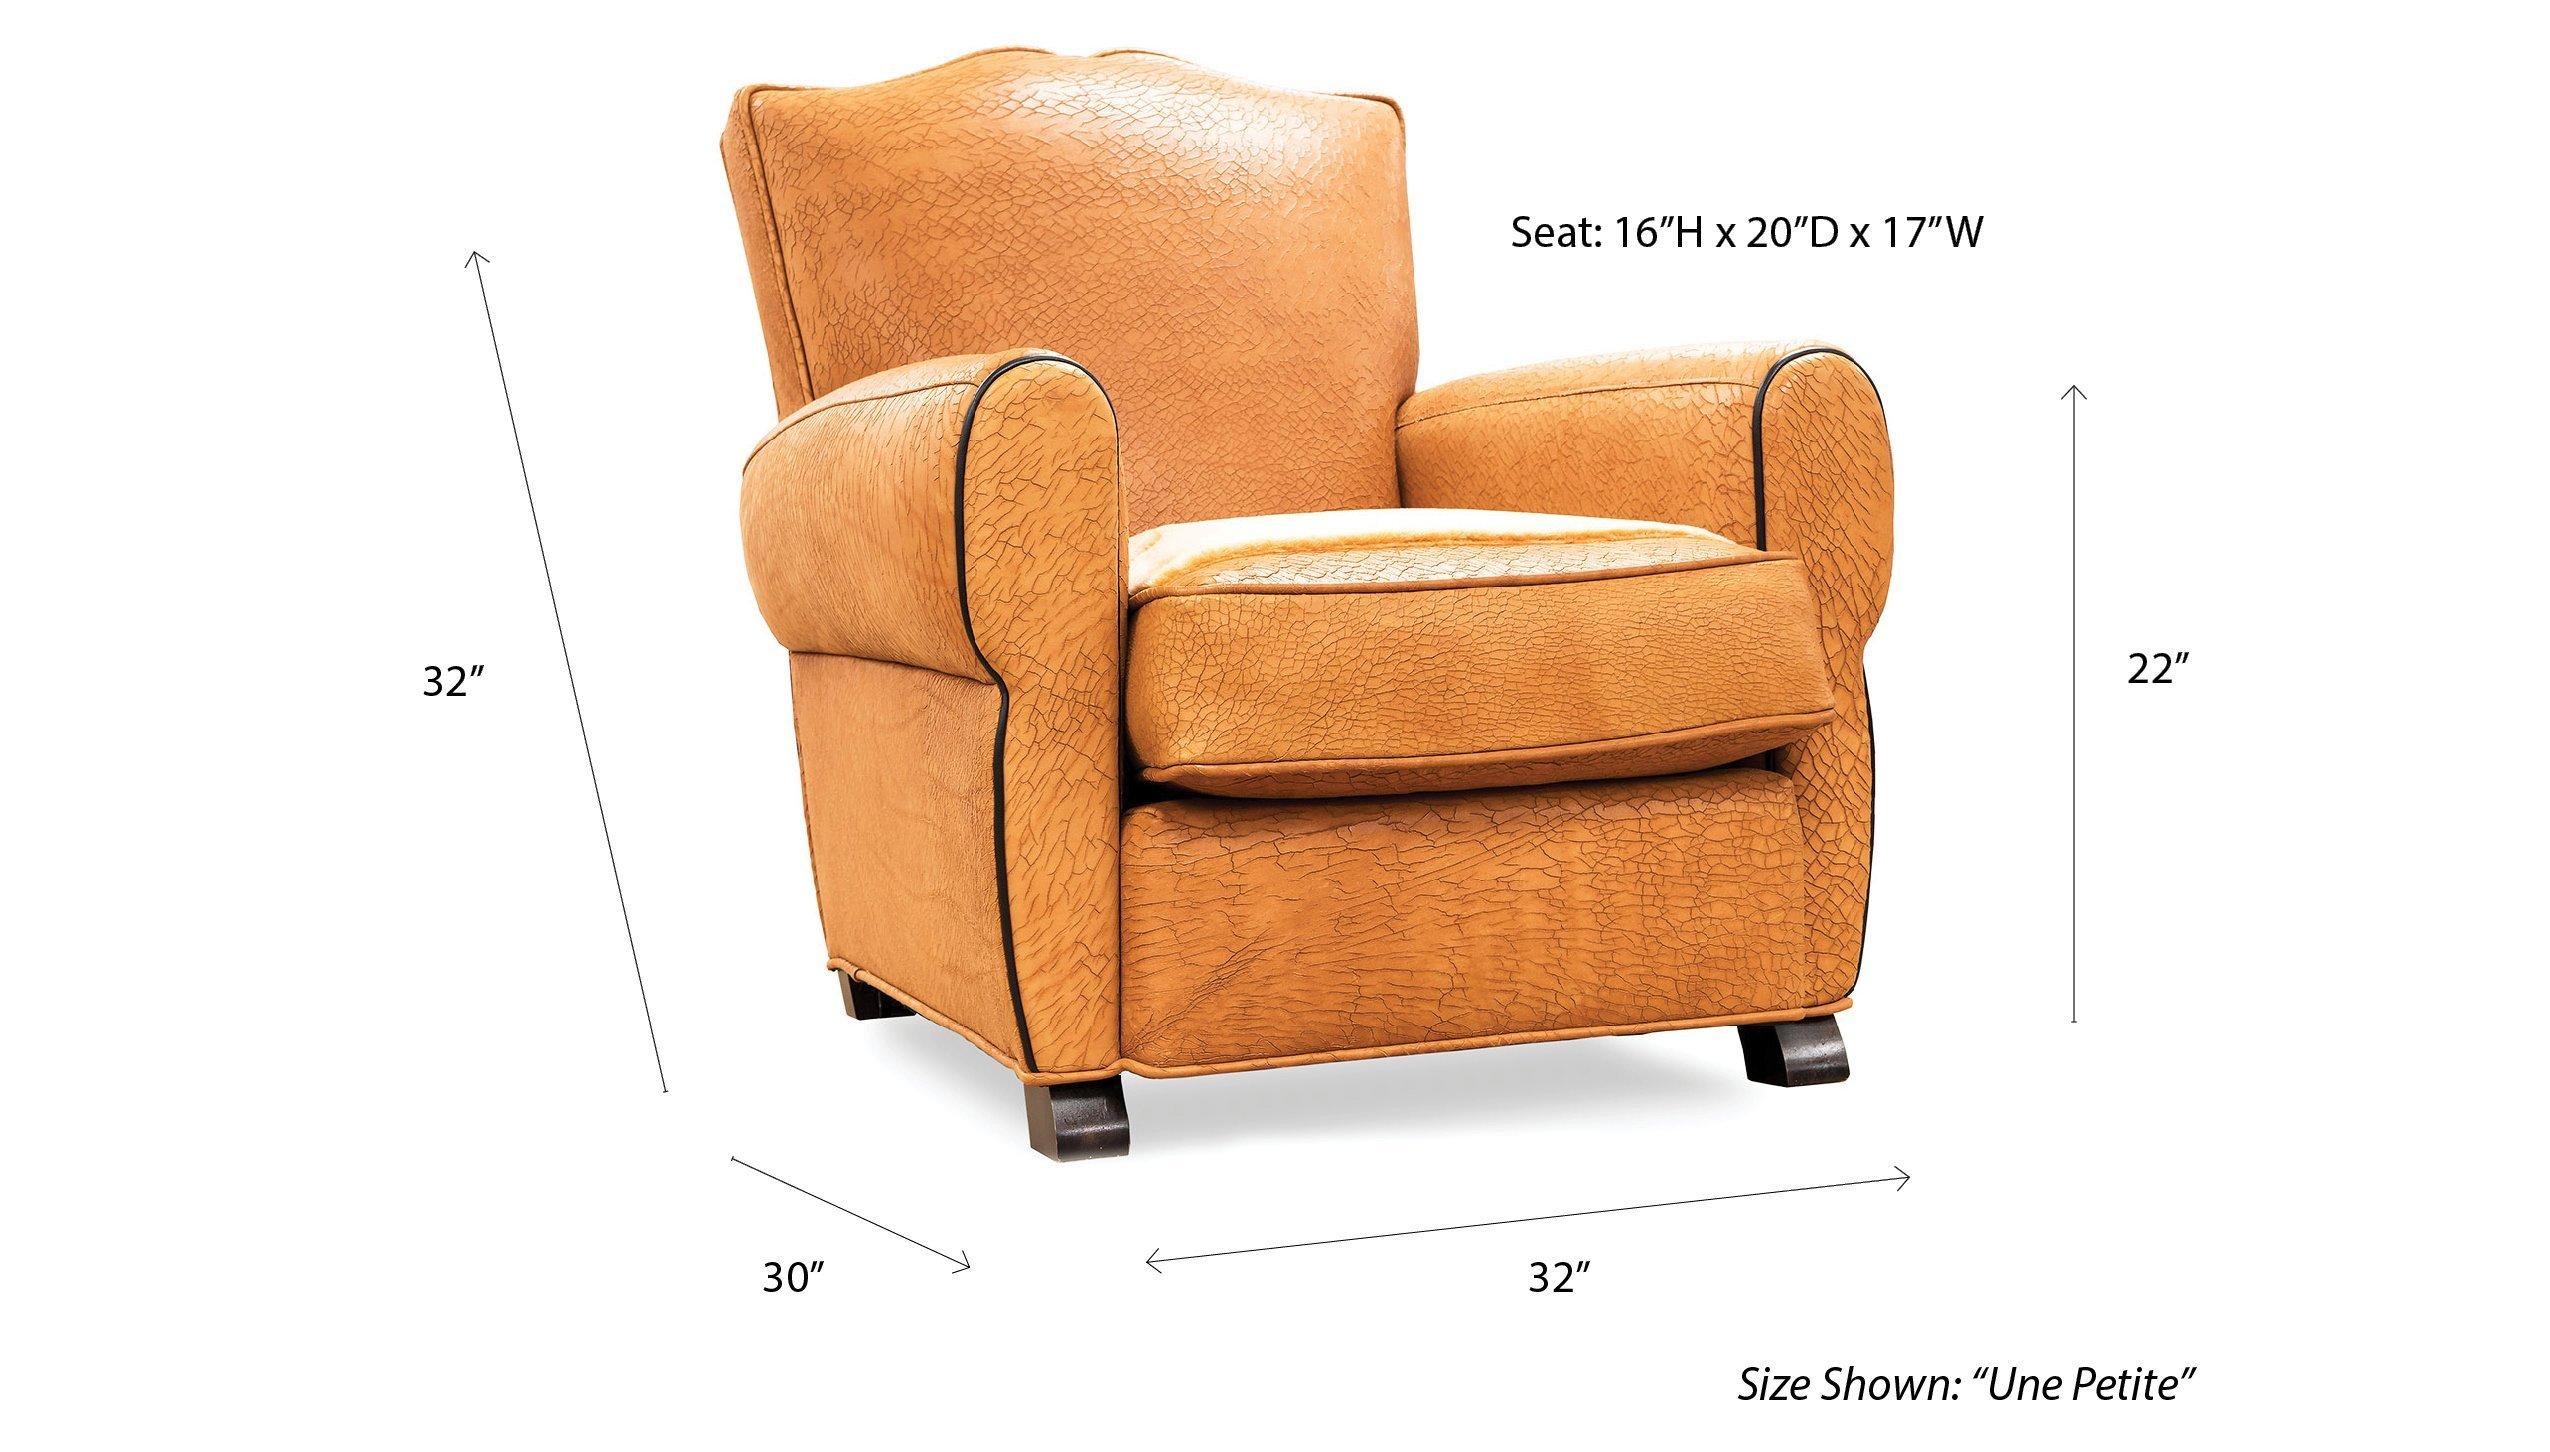 classic paris club chair measurements